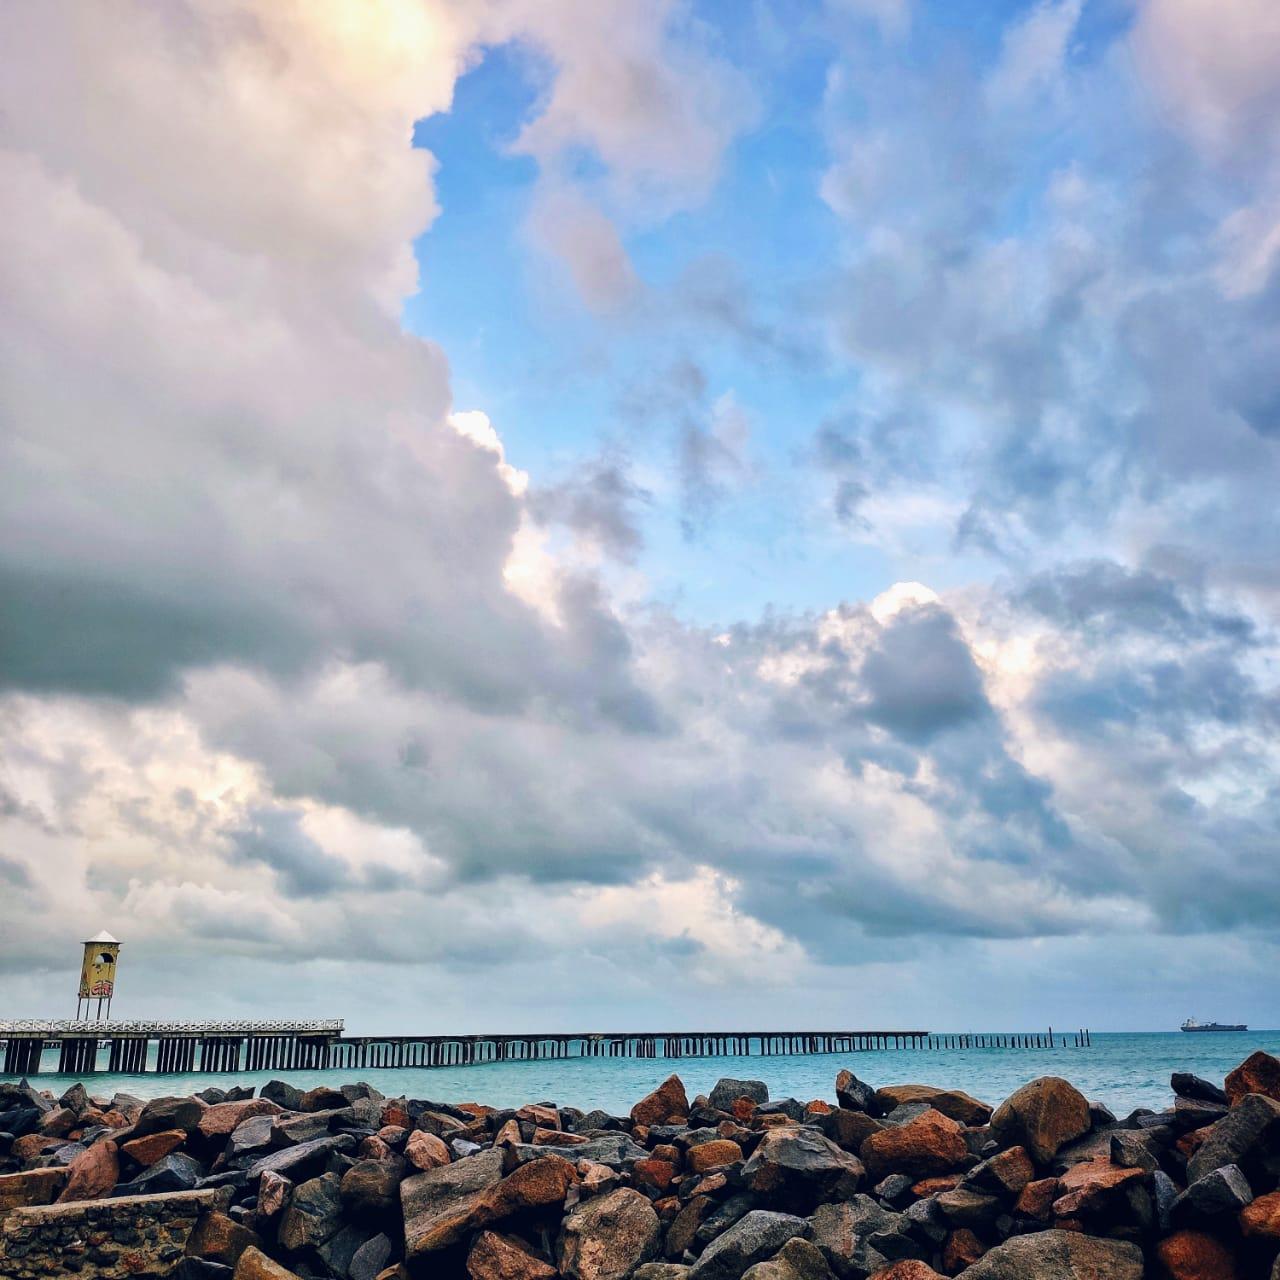 Chuvas devem ocorrer no litoral entre sexta e sábado (FOTO: Kallyl Pinheiro)